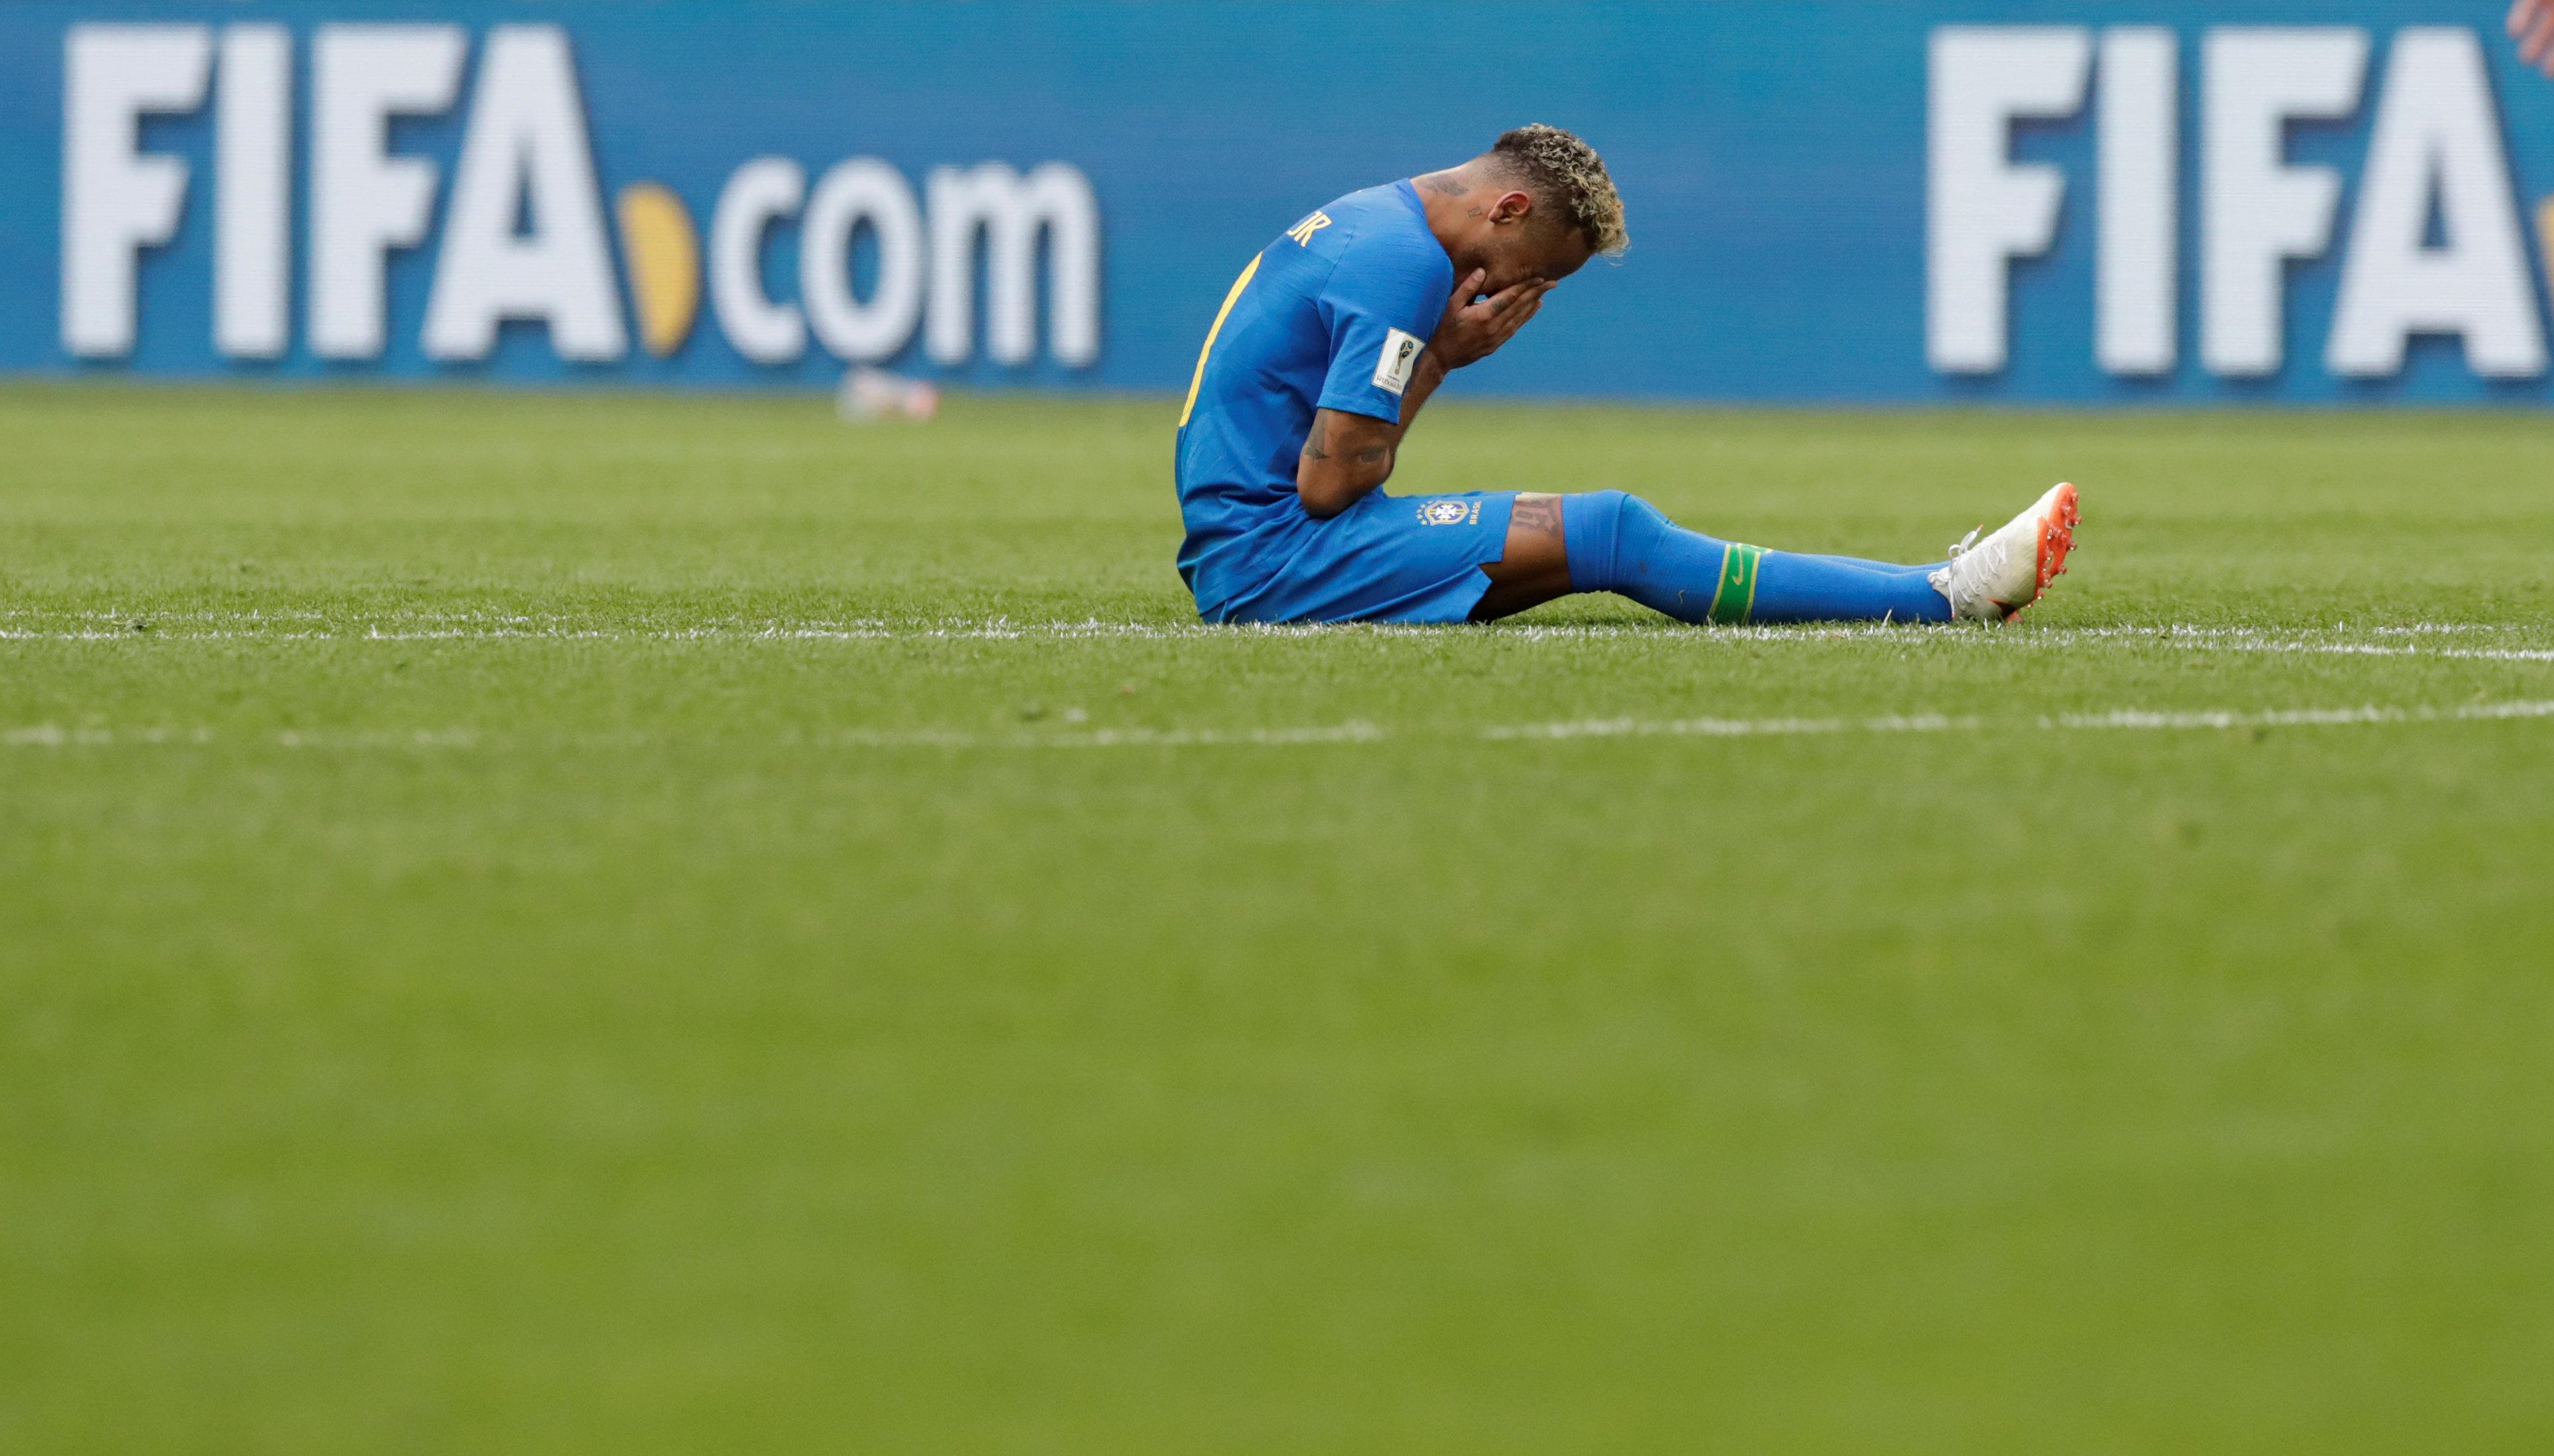 Liebe Fußballer, ihr seid verdammte Jammerlappen – die Abrechnung einer Handballerin